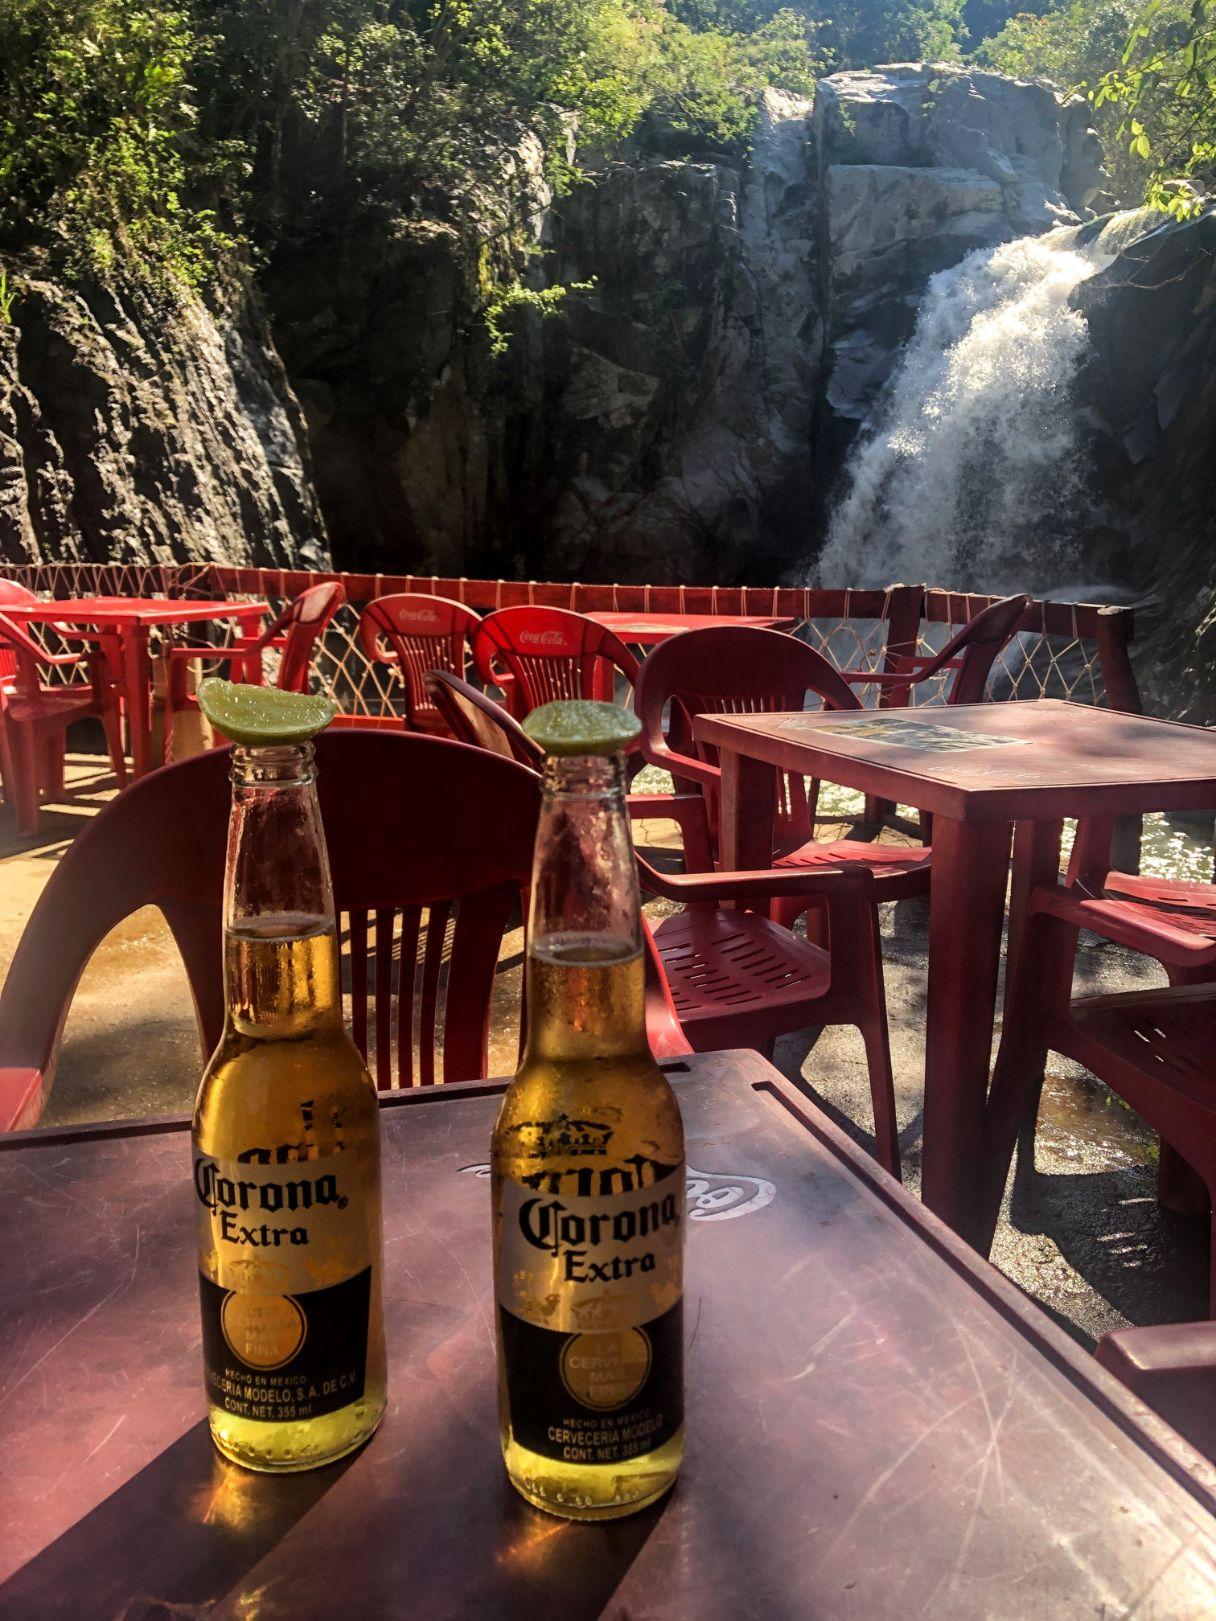 Coronas at the Quimixto waterfall restaurant